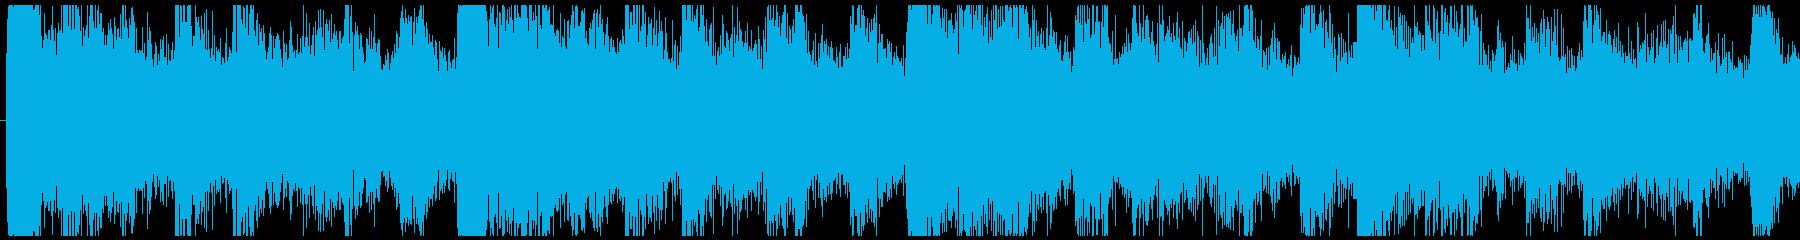 環境にやさしい事業紹介のCM曲-ループ4の再生済みの波形